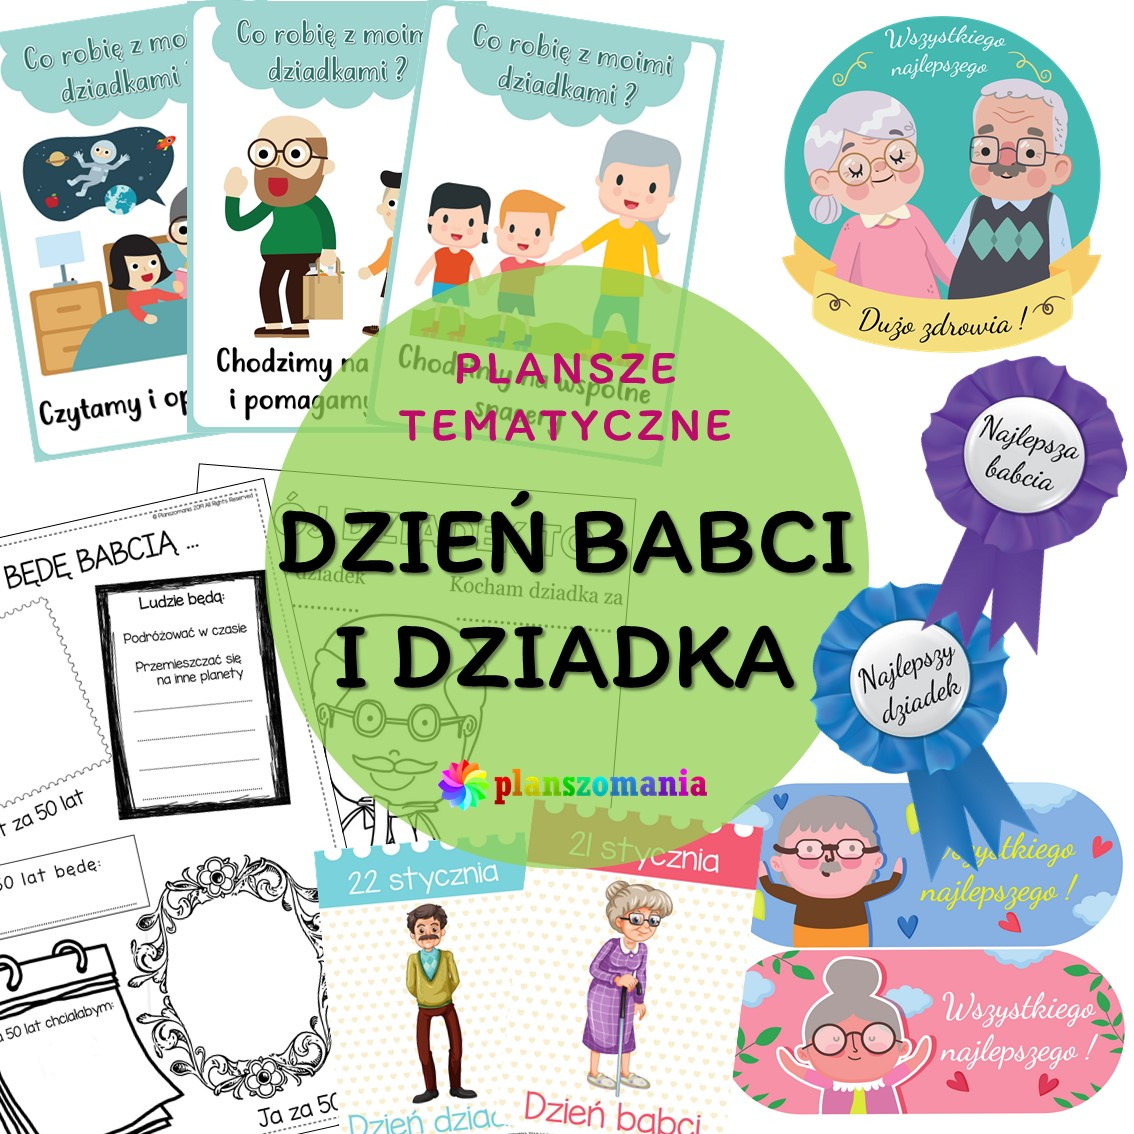 Dzień Babci i Dziadka plansze edukacyjne planszomania pdf do druku za darmo